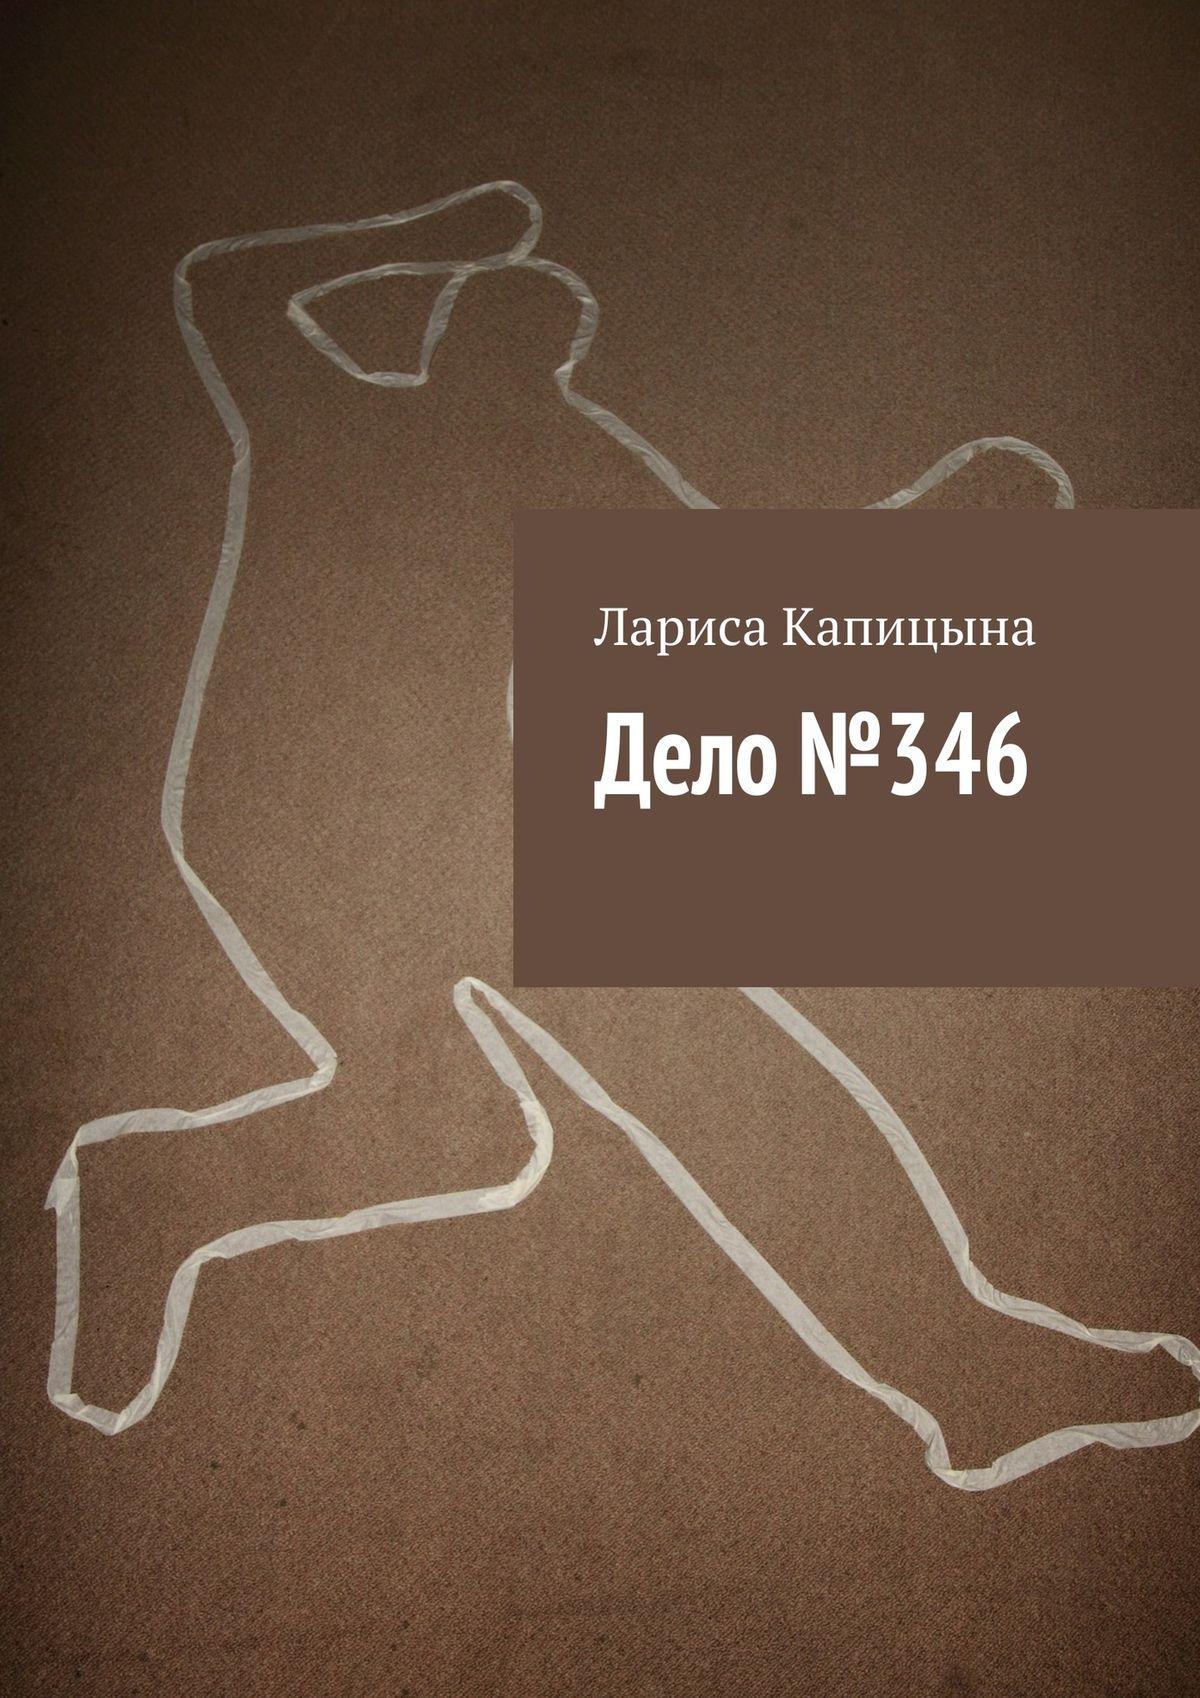 Дело №346